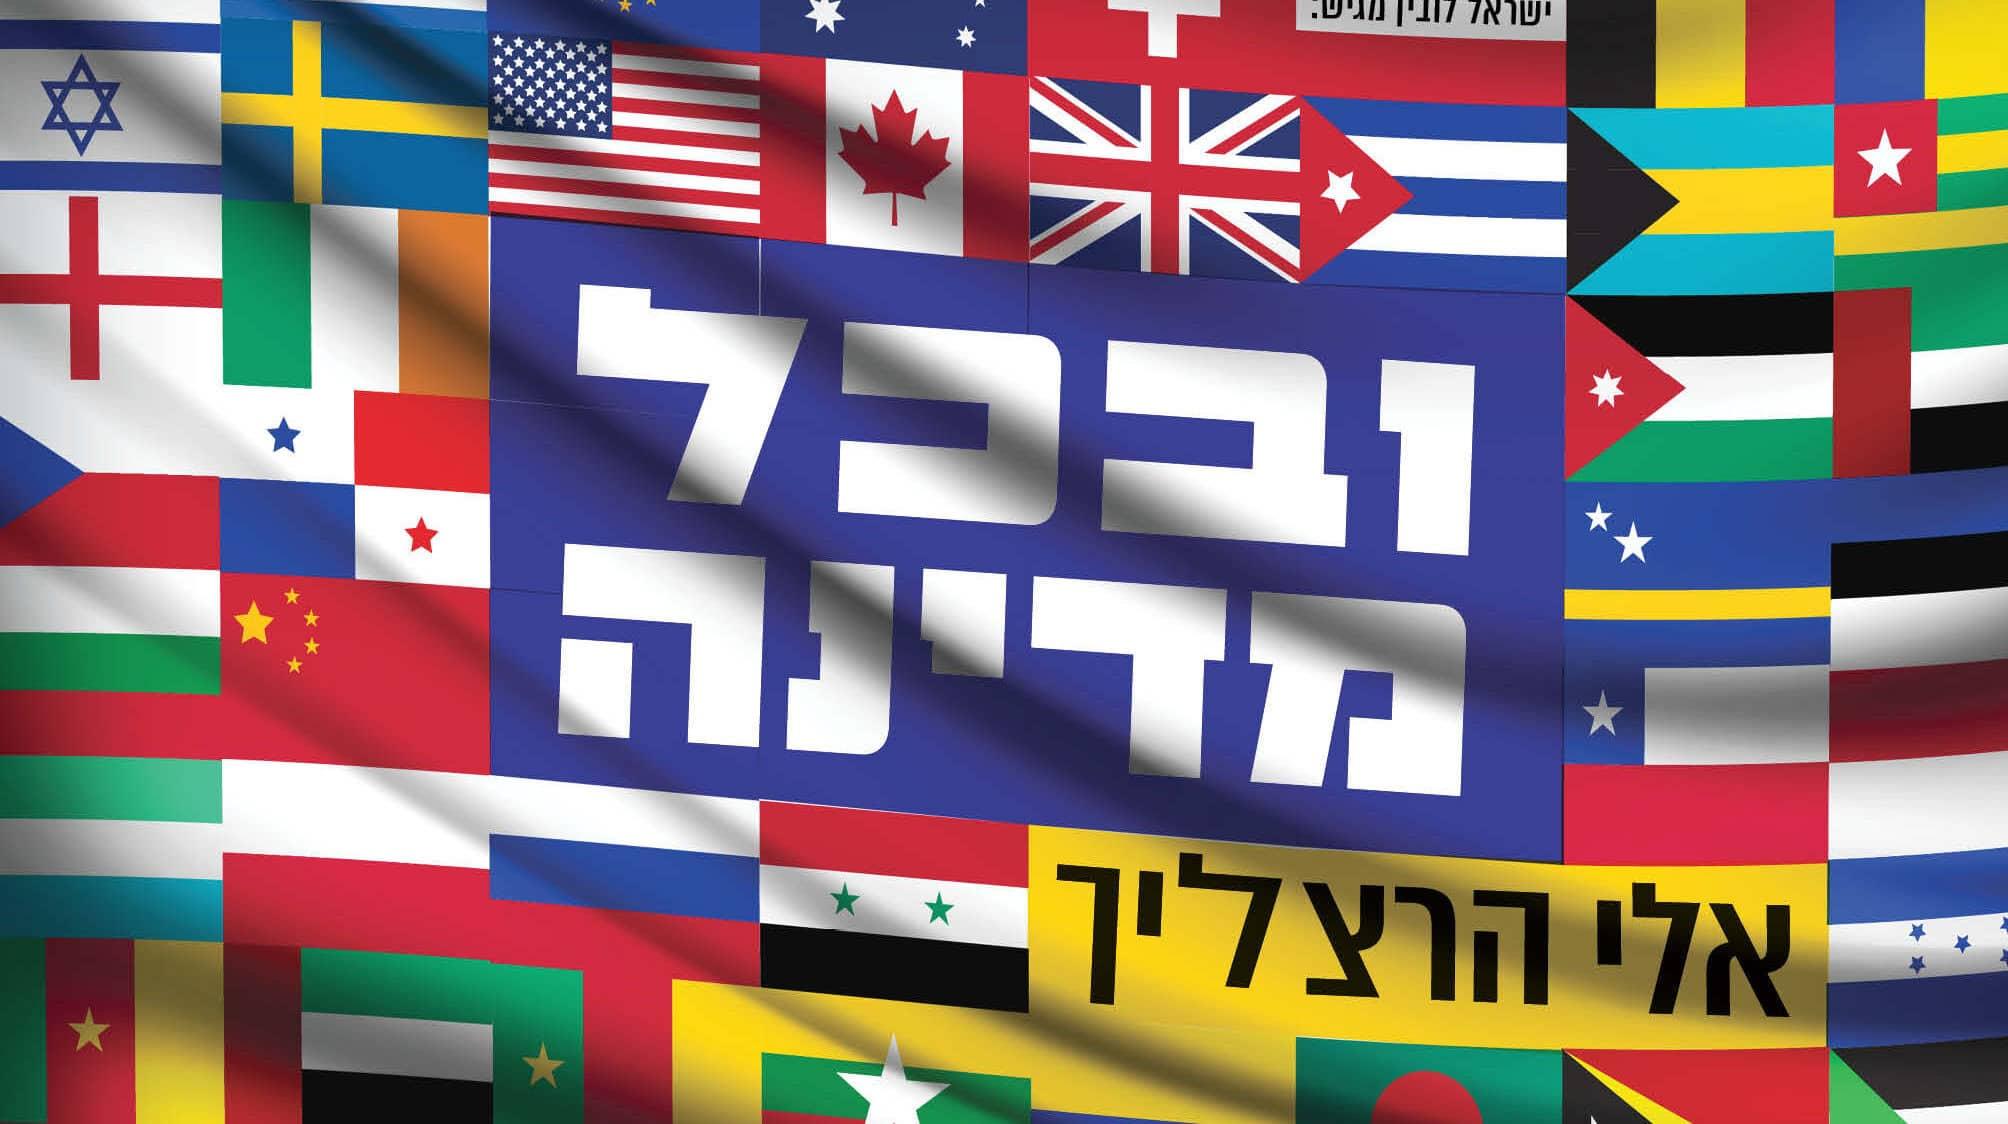 אלי הרצליך עם שיר פורימי חדש: 'ובכל מדינה'